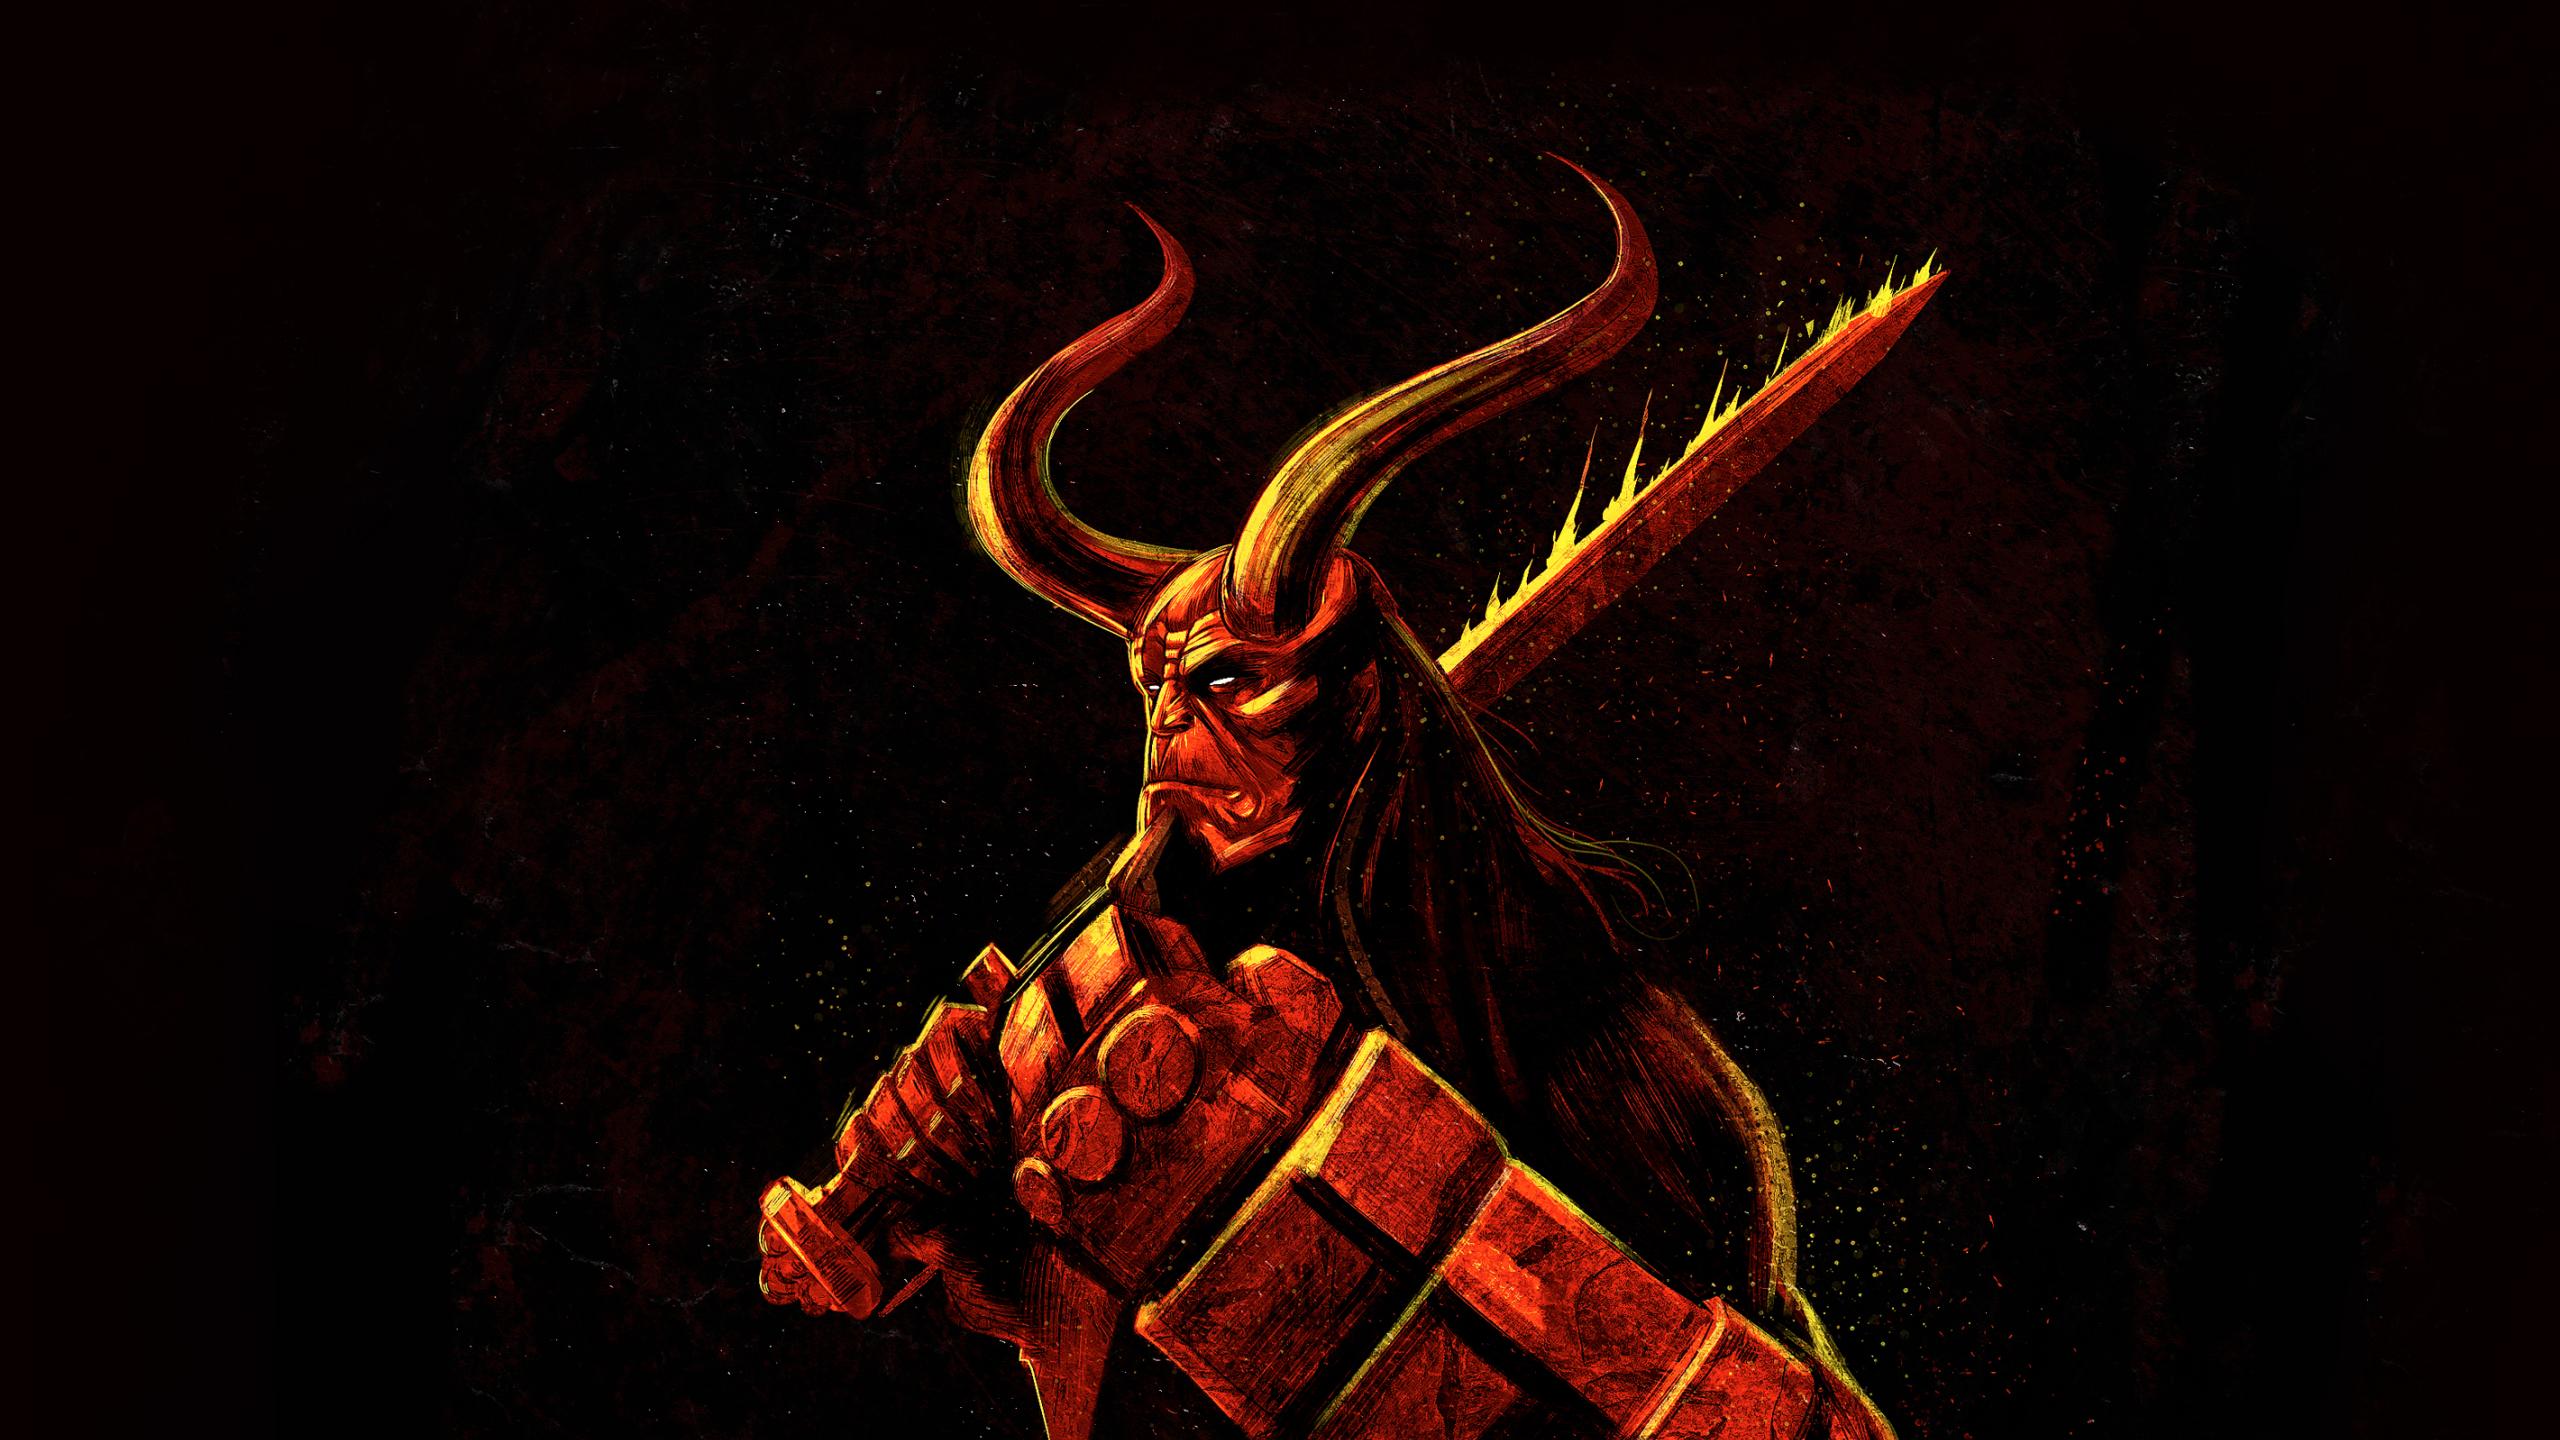 2560x1440 Hellboy Illustration 1440p Resolution Wallpaper